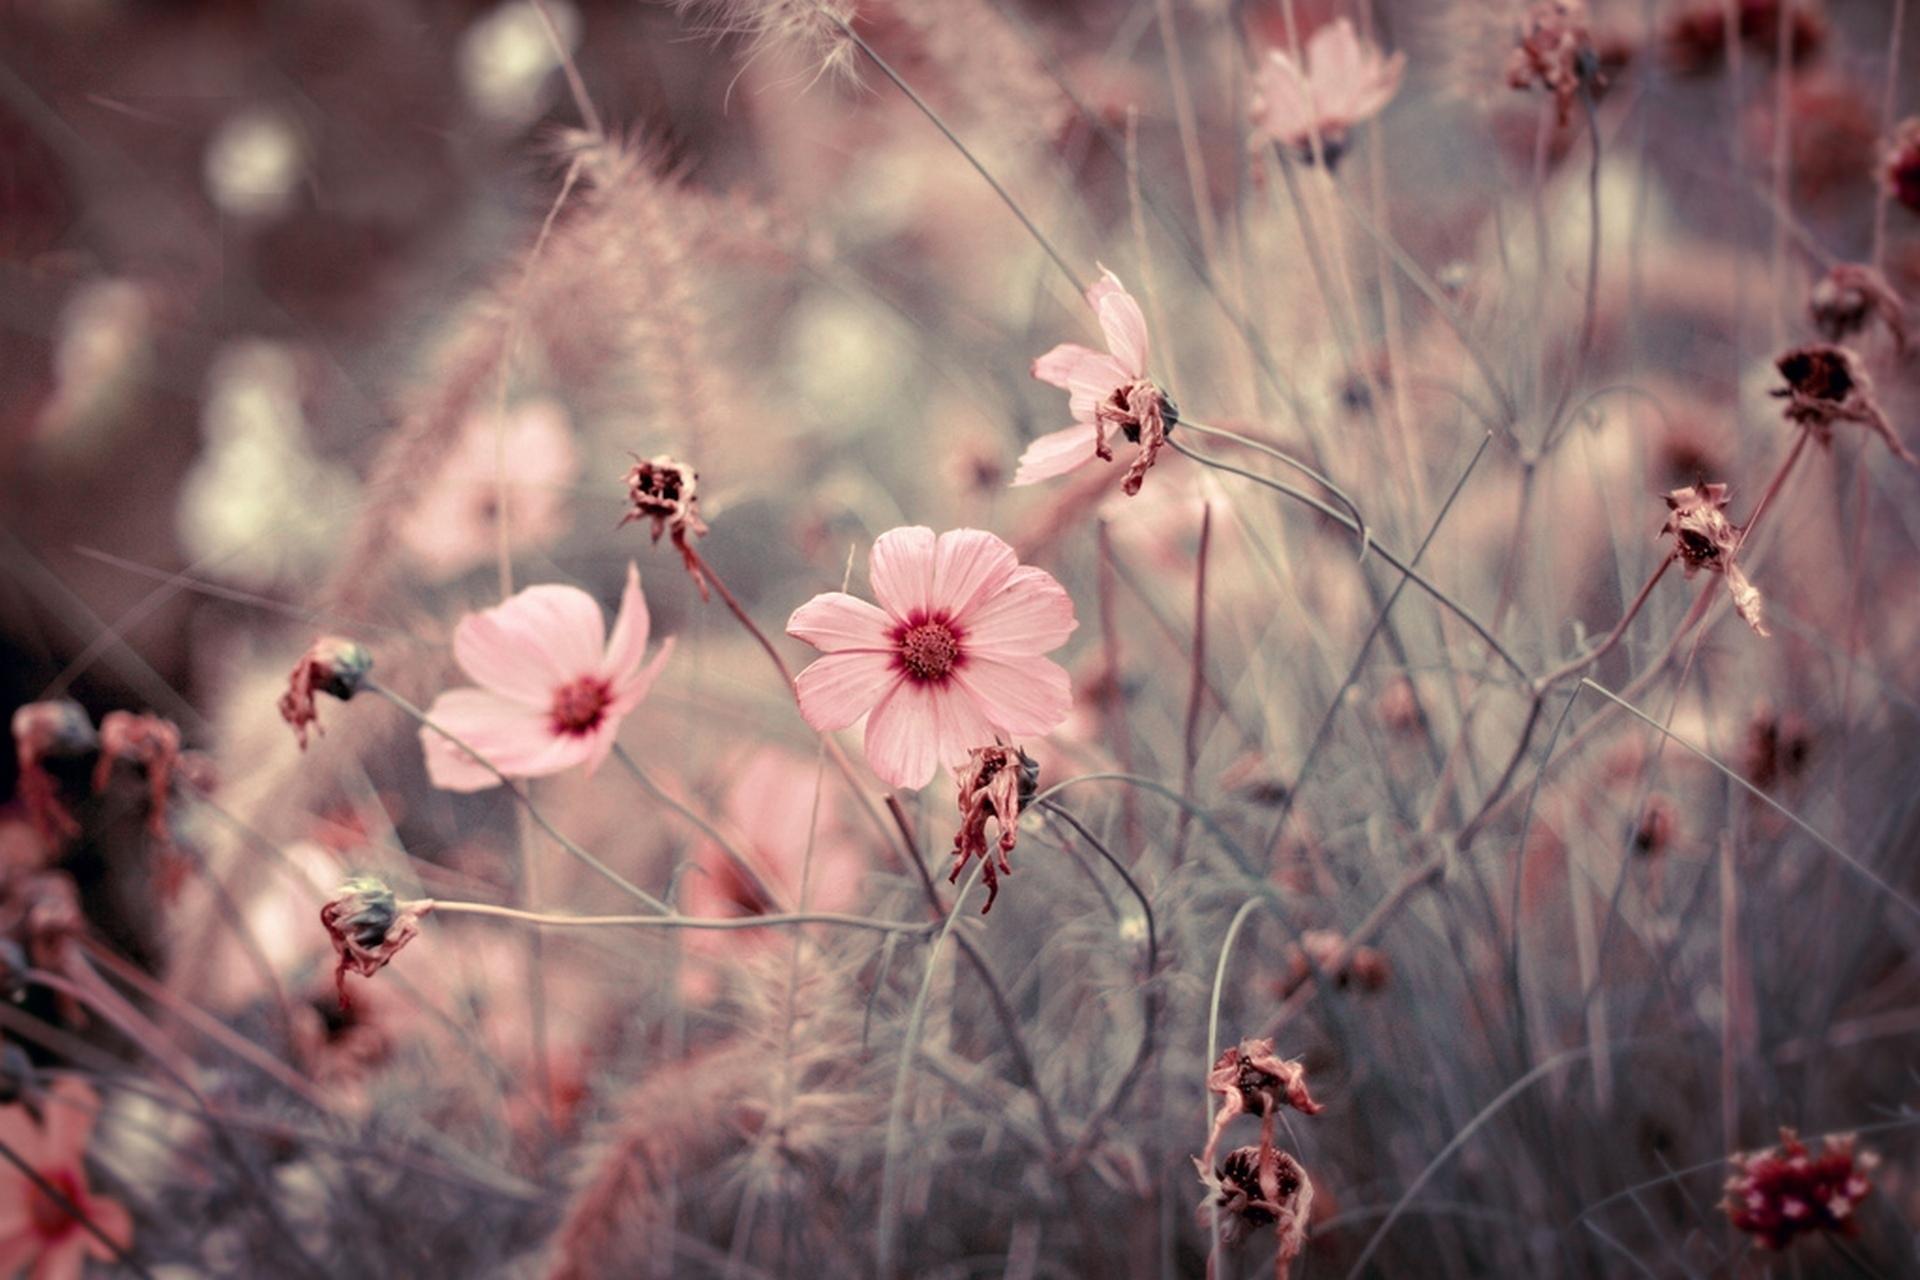 цветы макро розовые  № 1347173 бесплатно